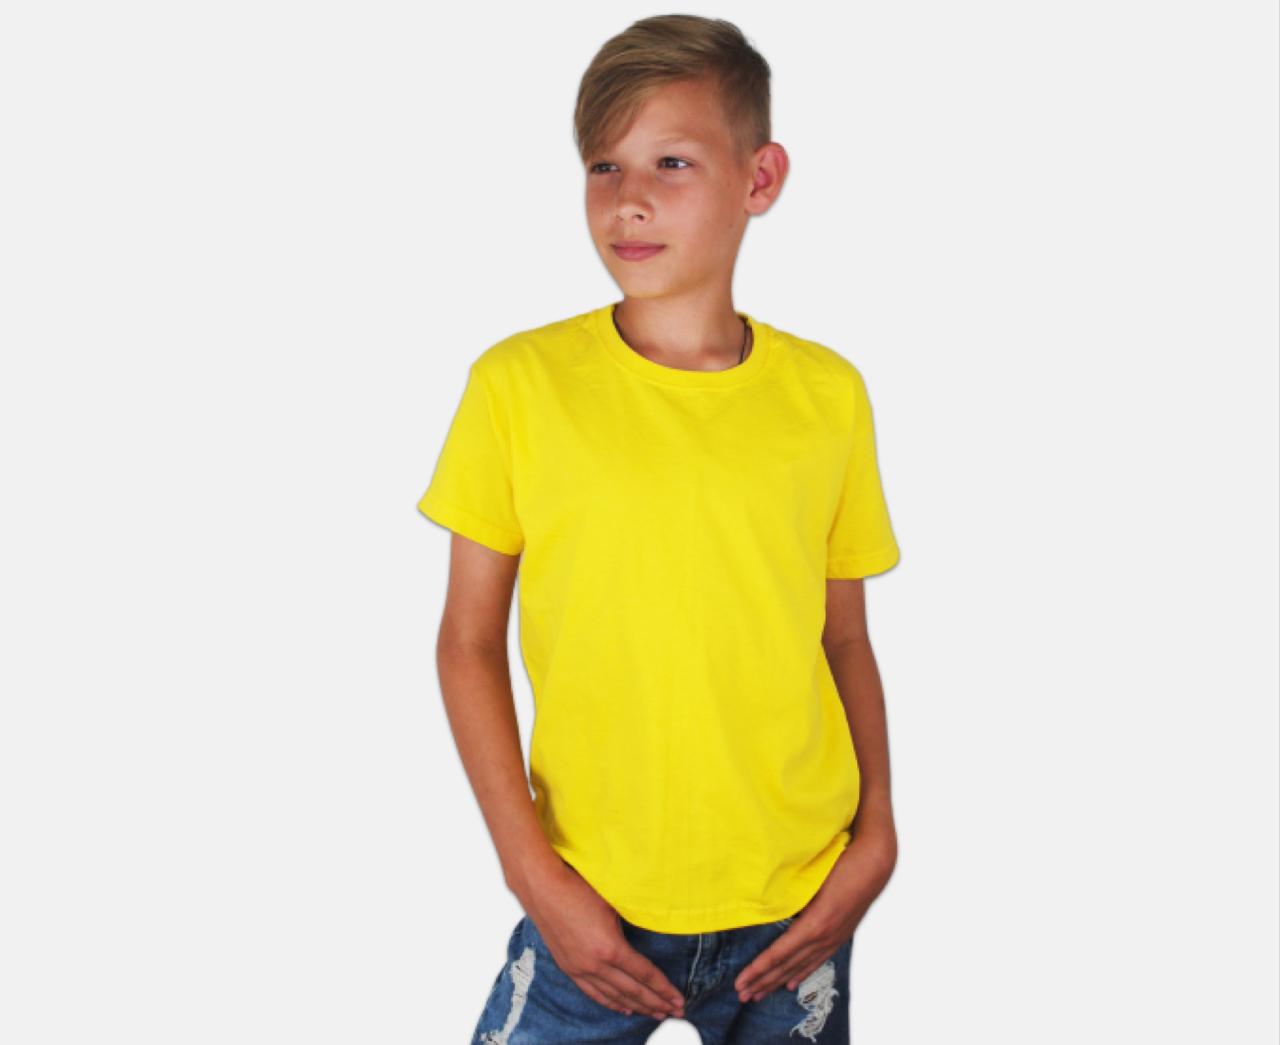 Детская Классическая Футболка для Мальчиков Ярко-жёлтая Fruit of the loom 61-033-K2 3-4